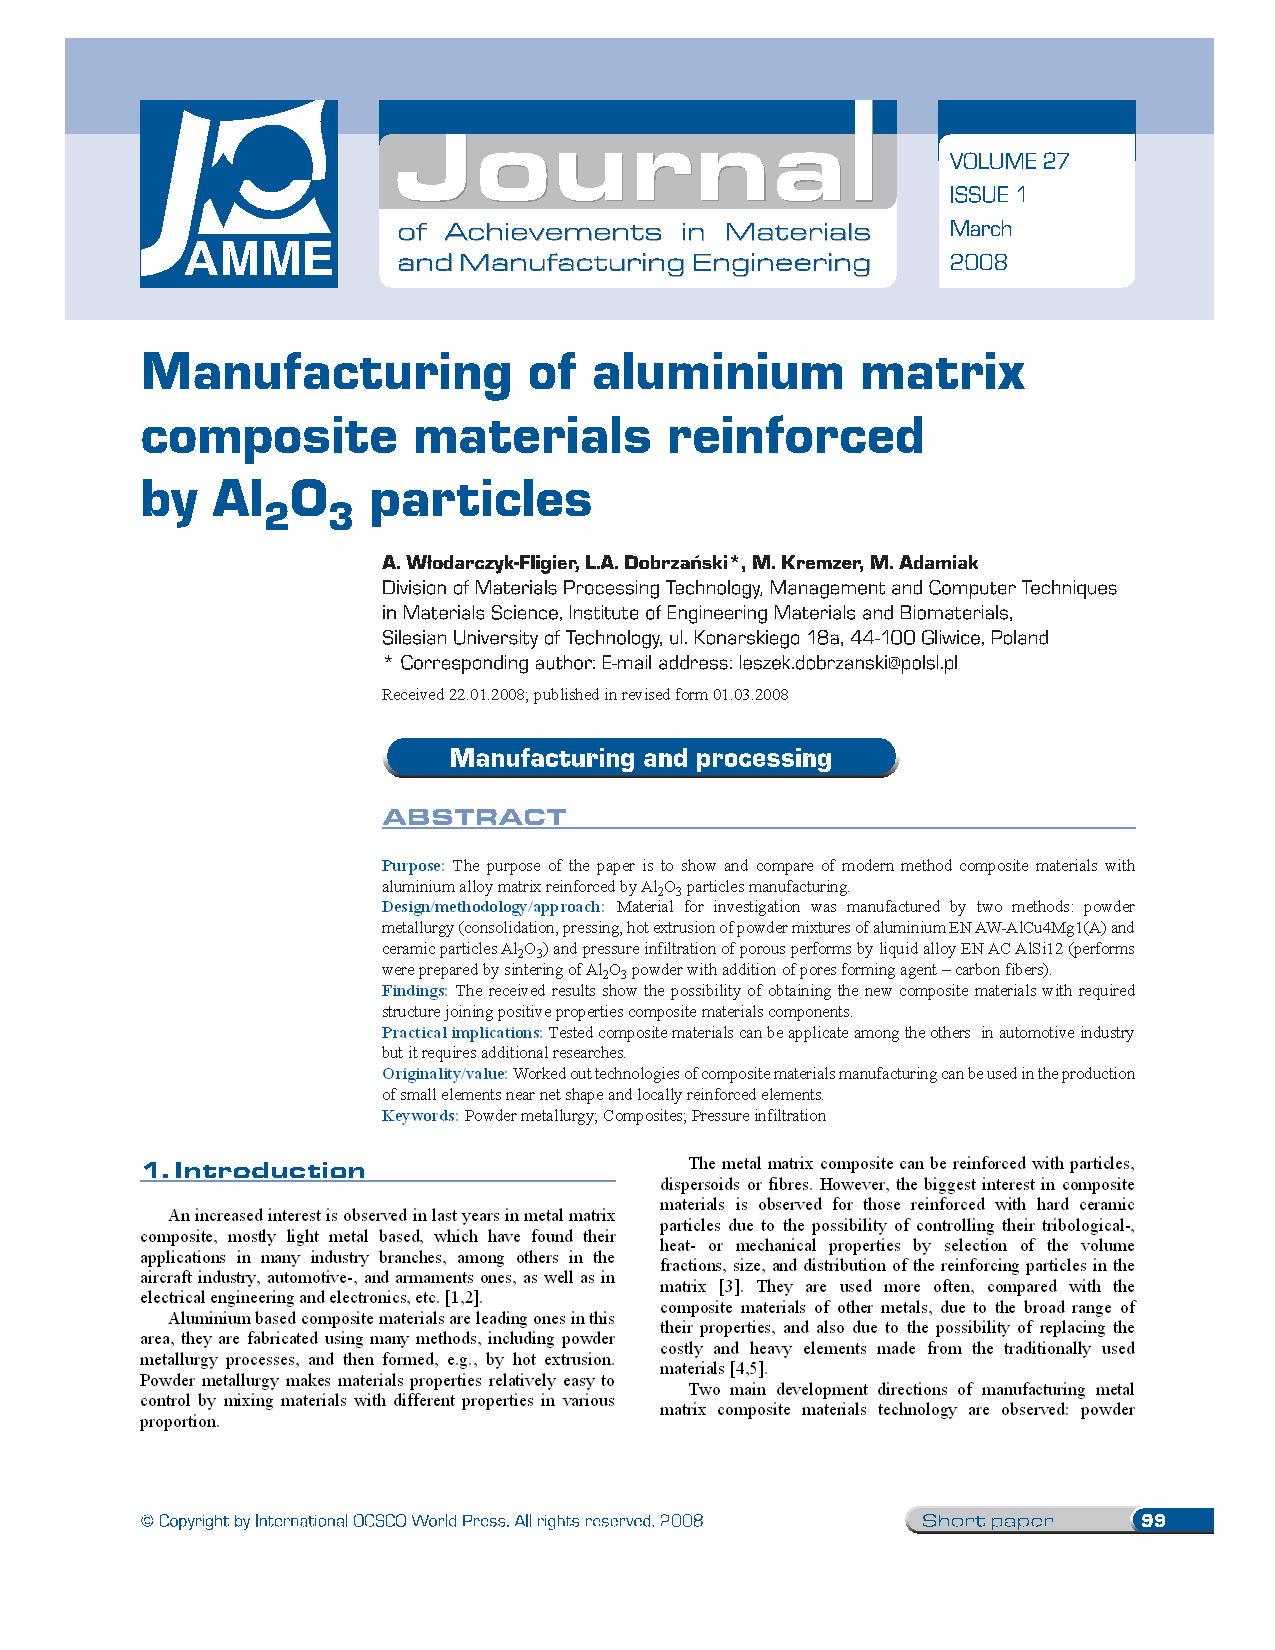 Manufacturing of aluminium matrix composite materials reinforced